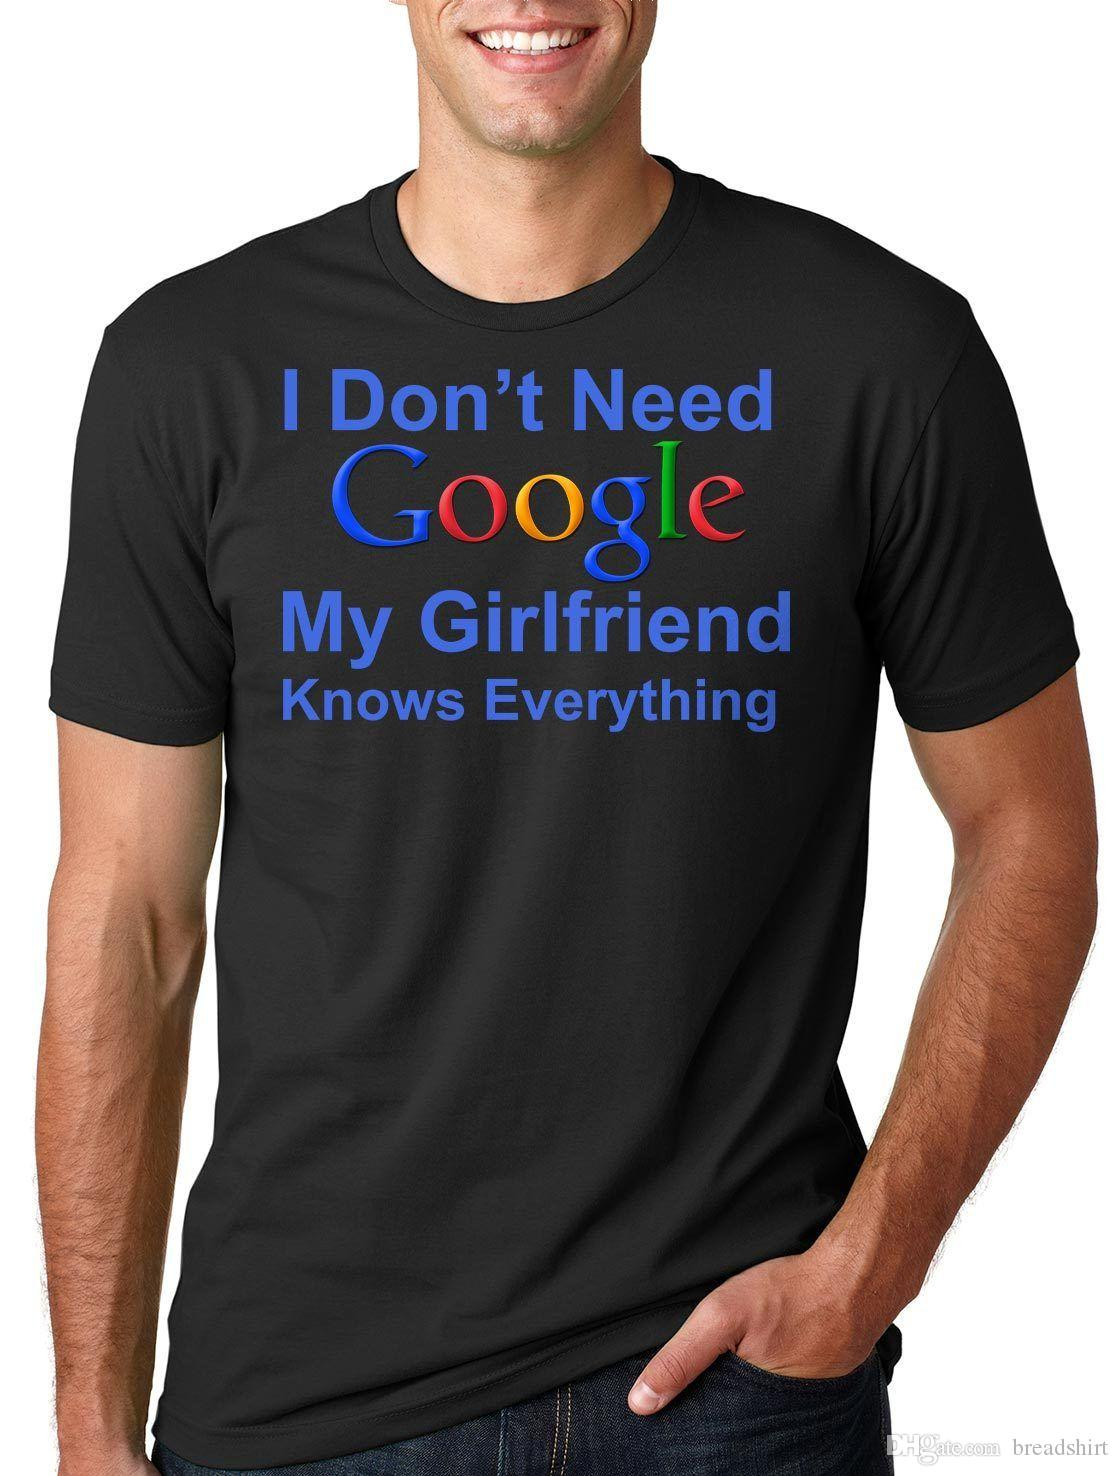 Grosshandel Freund T Shirt Paar Geburtstag Geschenk Lustige Freund